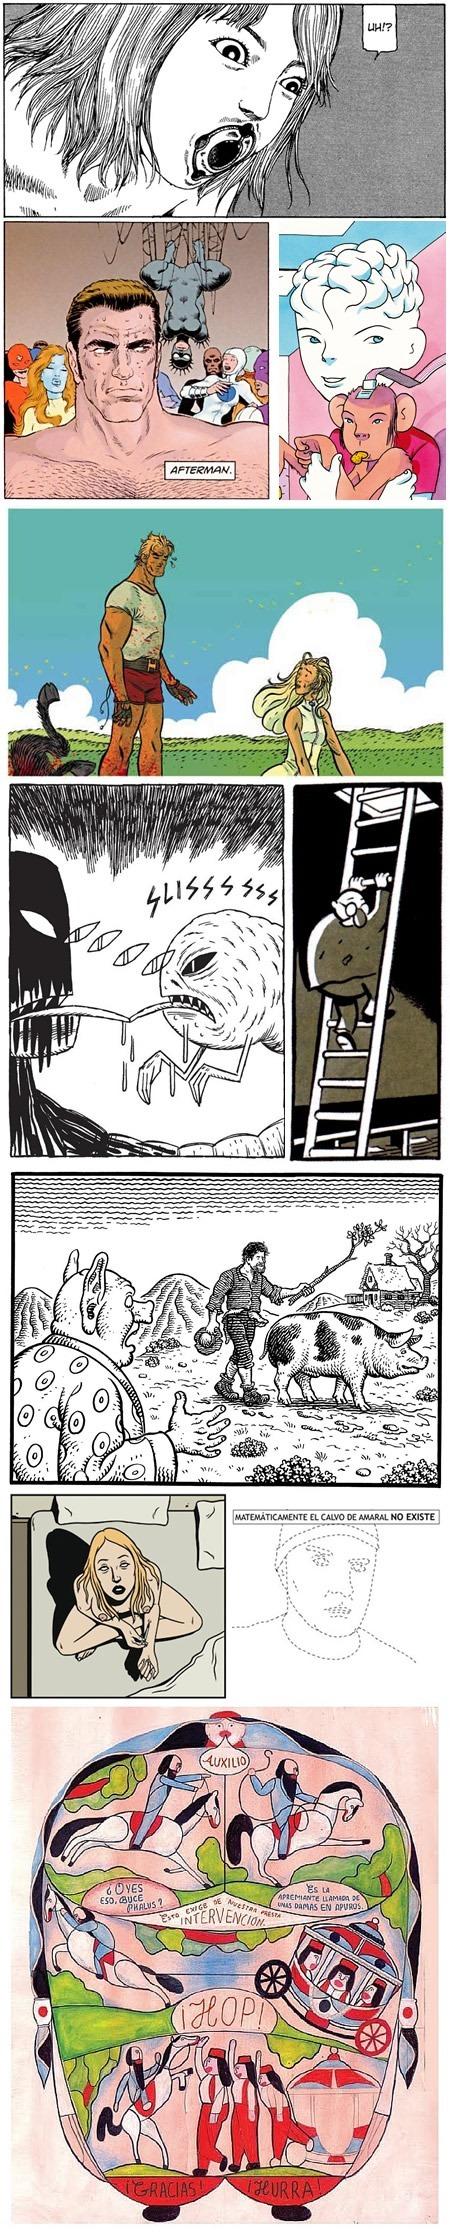 Intramuros - Lo Mejor de 2012 - Comics